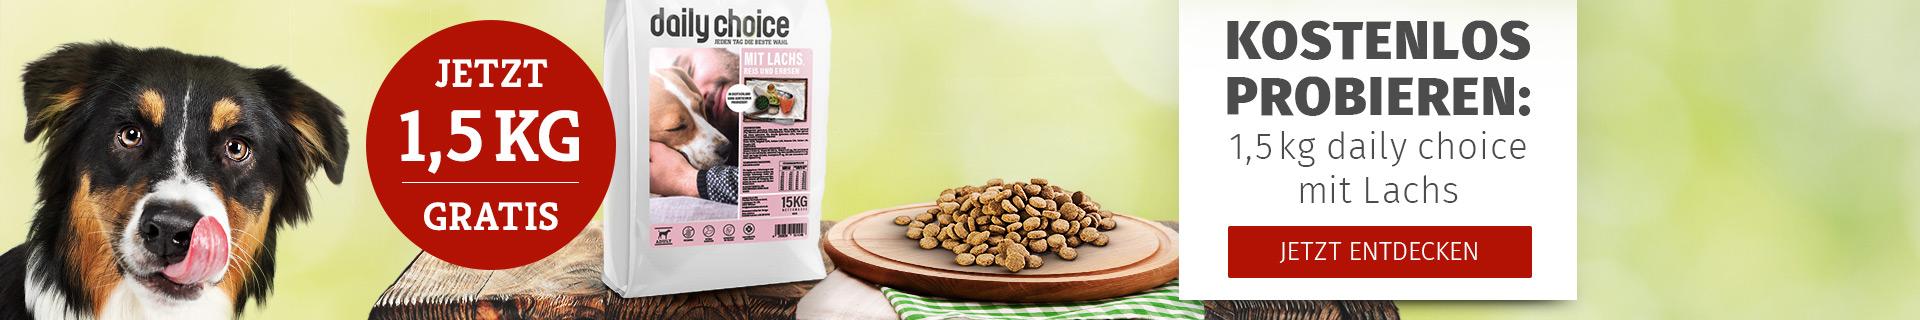 Probierwelt Hund - 1,5kg daily choice Basic Trockenfutter mit Lachs gratis